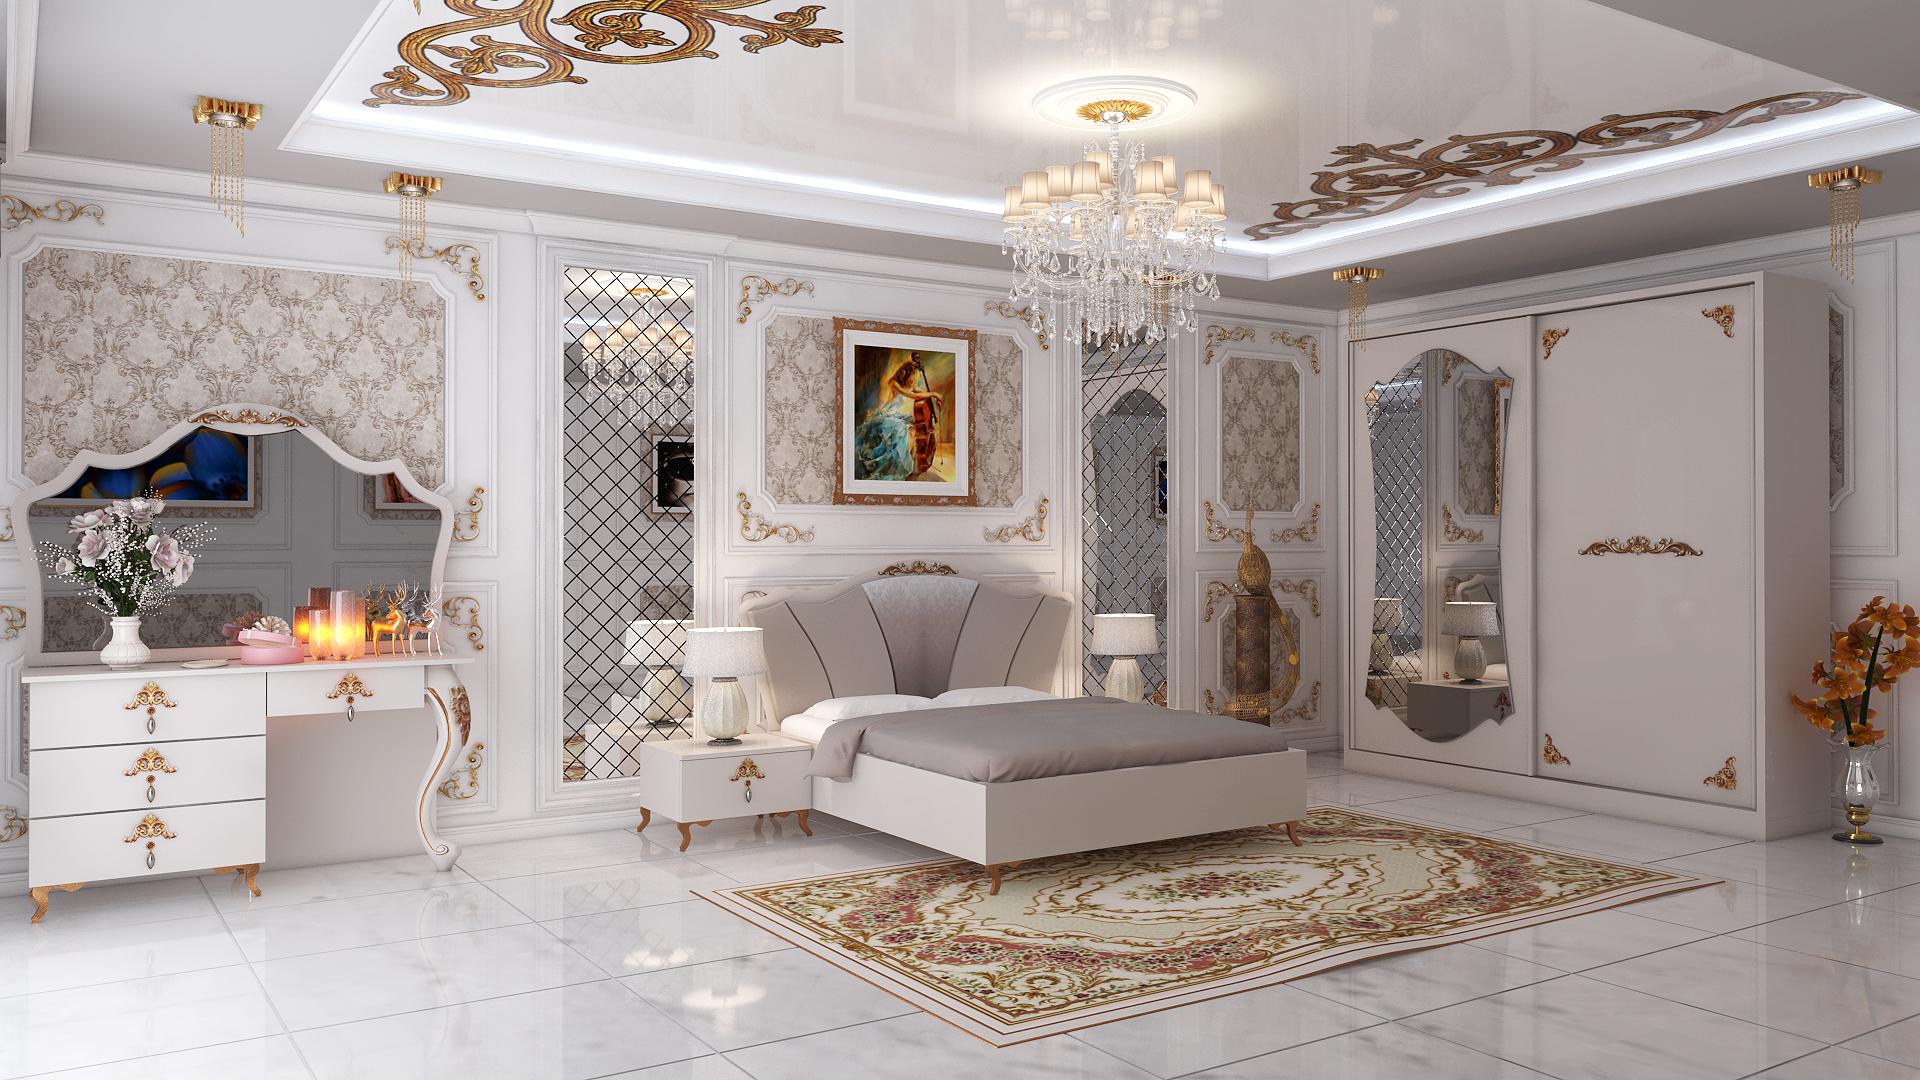 Bedroom interior design 3D model - TurboSquid 1491374